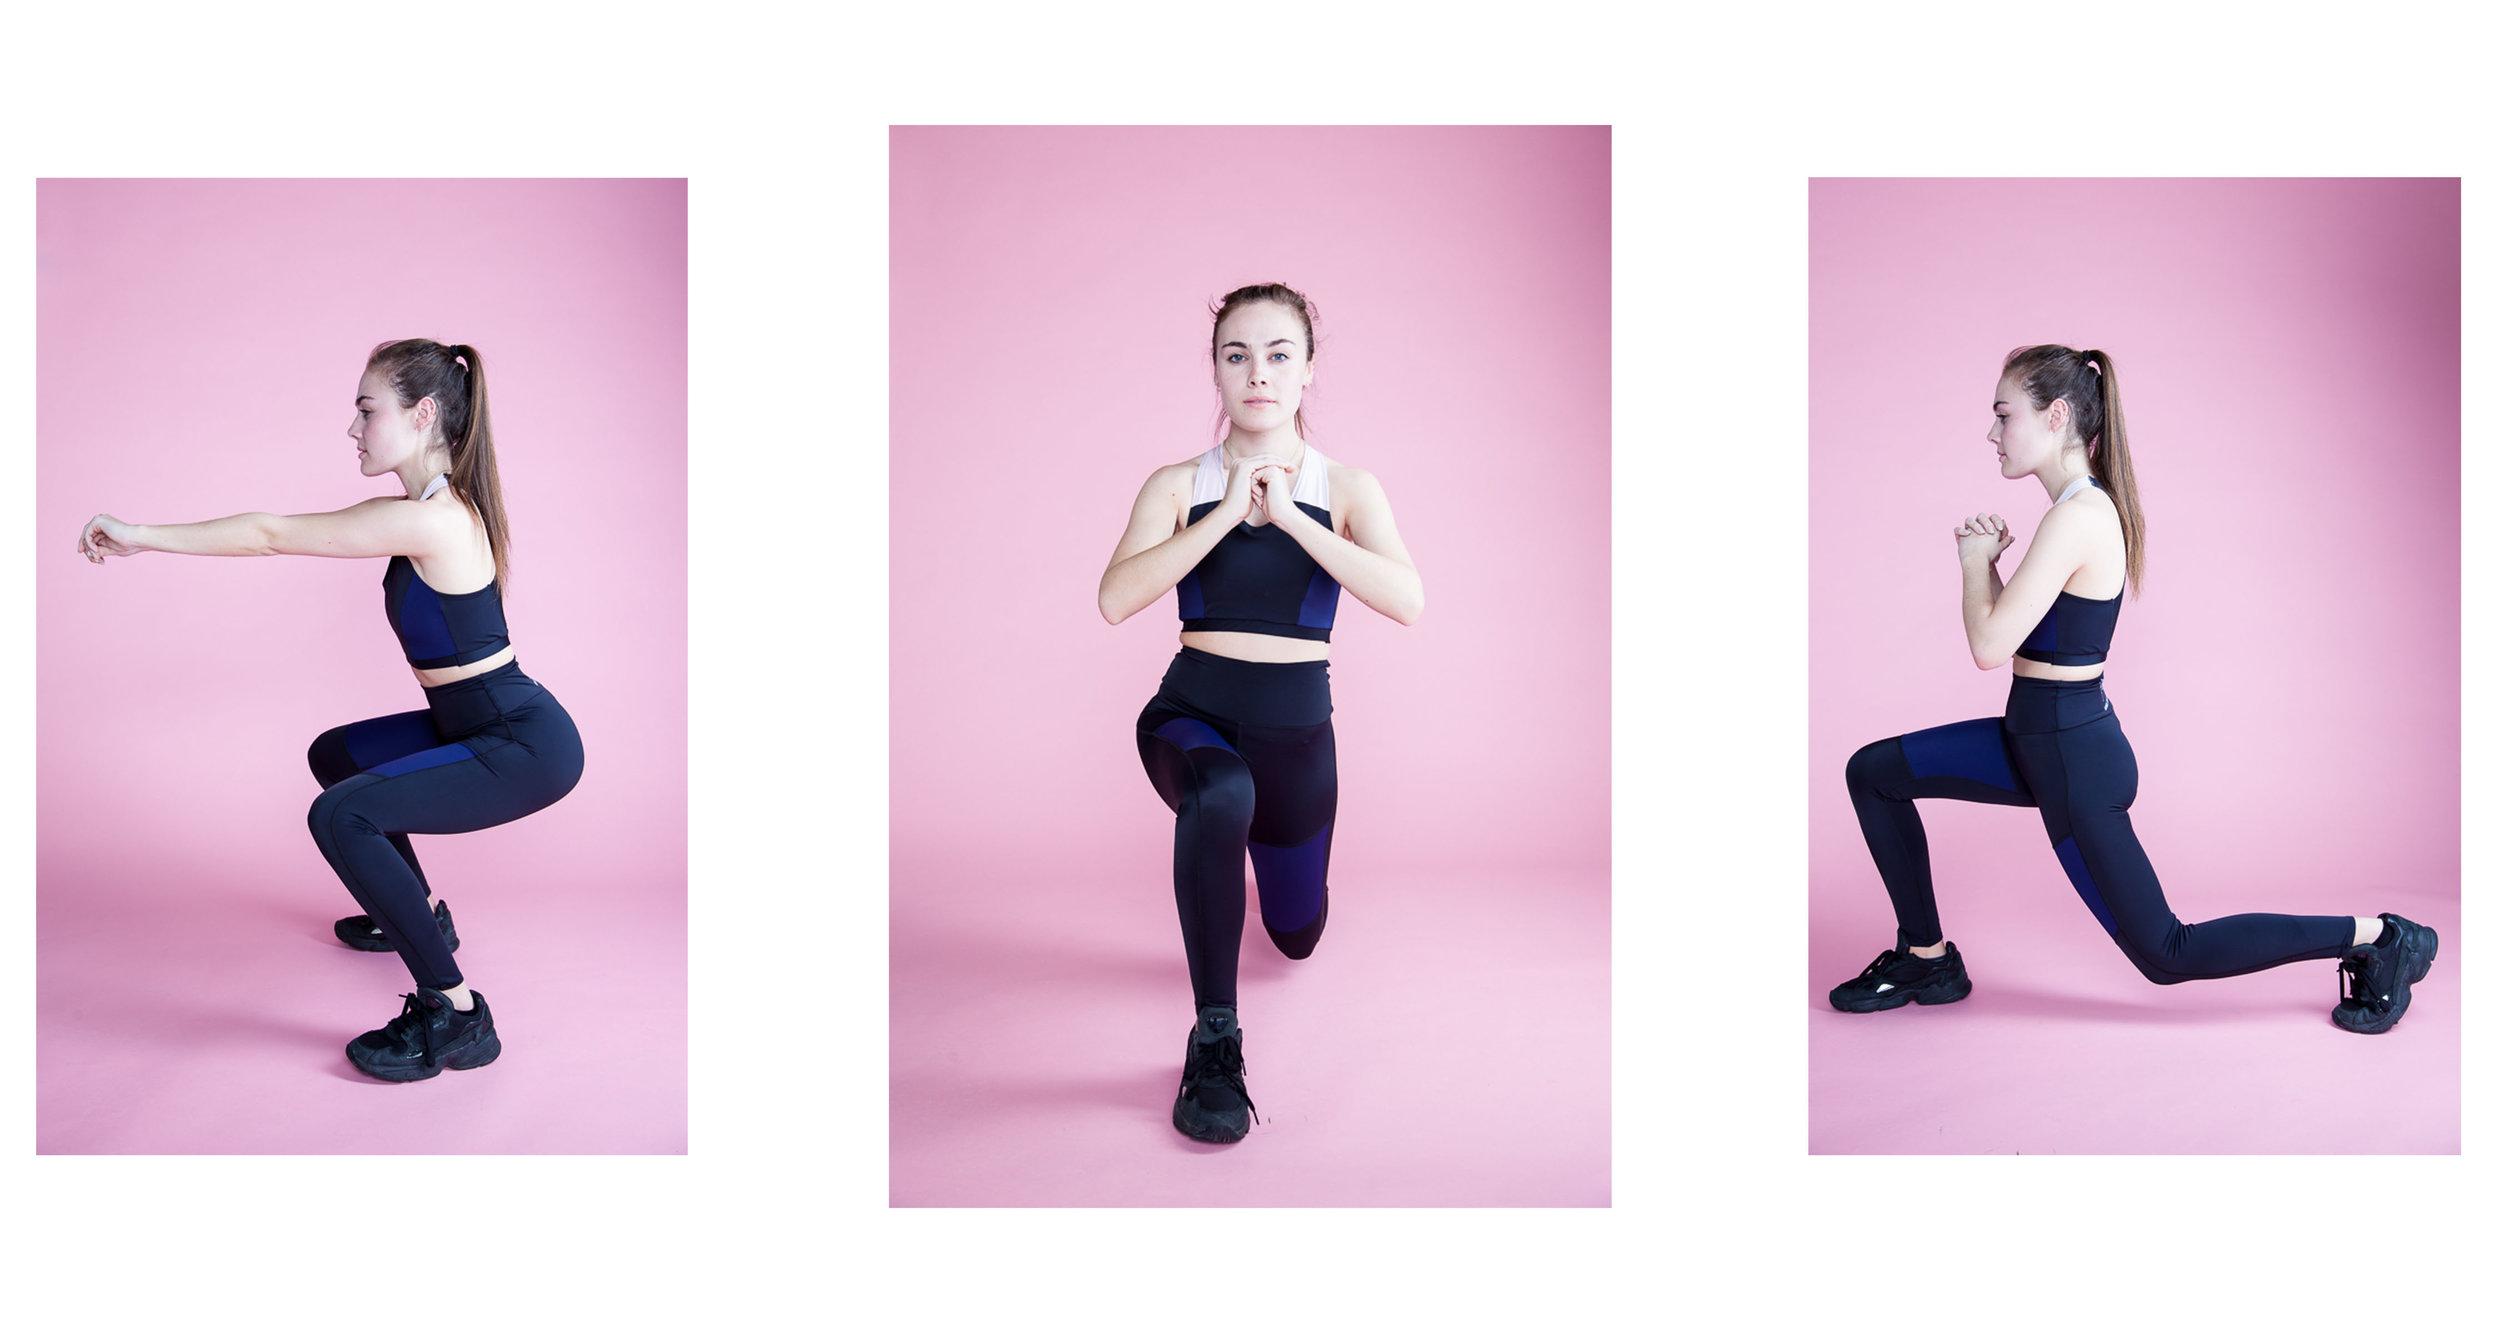 Isobel Dowling gym wear. (1/4)